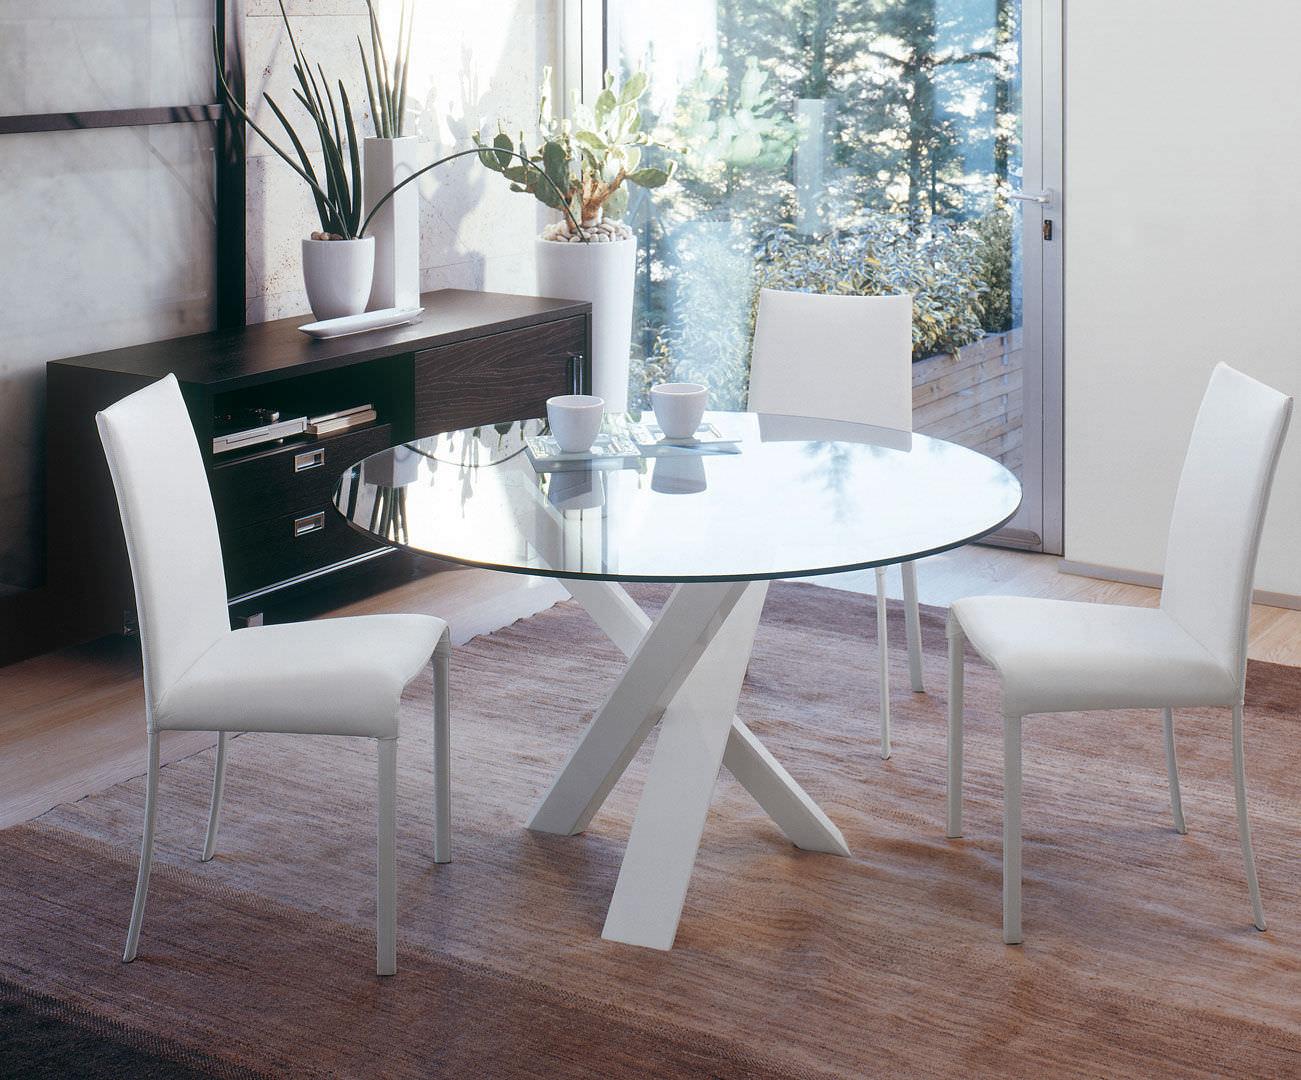 Tavoli Da Pranzo Tondi.Contemporary Dining Table Resort Antonelloitalia Wooden Round